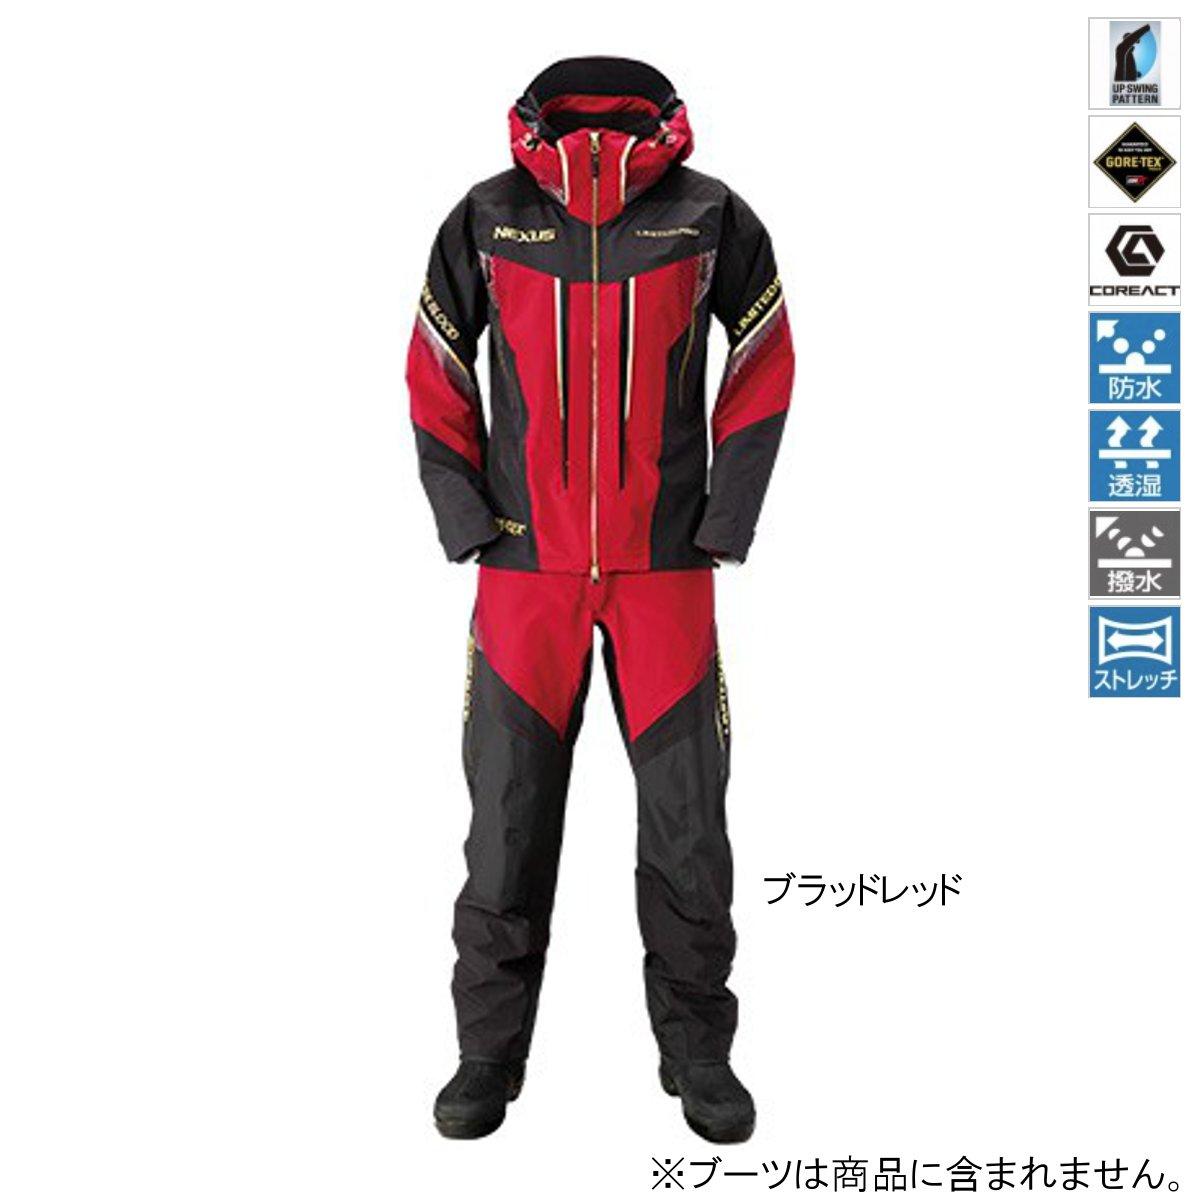 シマノ NEXUS・GORE-TEX レインスーツ LIMITED PRO RA-112S 3XL ブラッドレッド(東日本店)